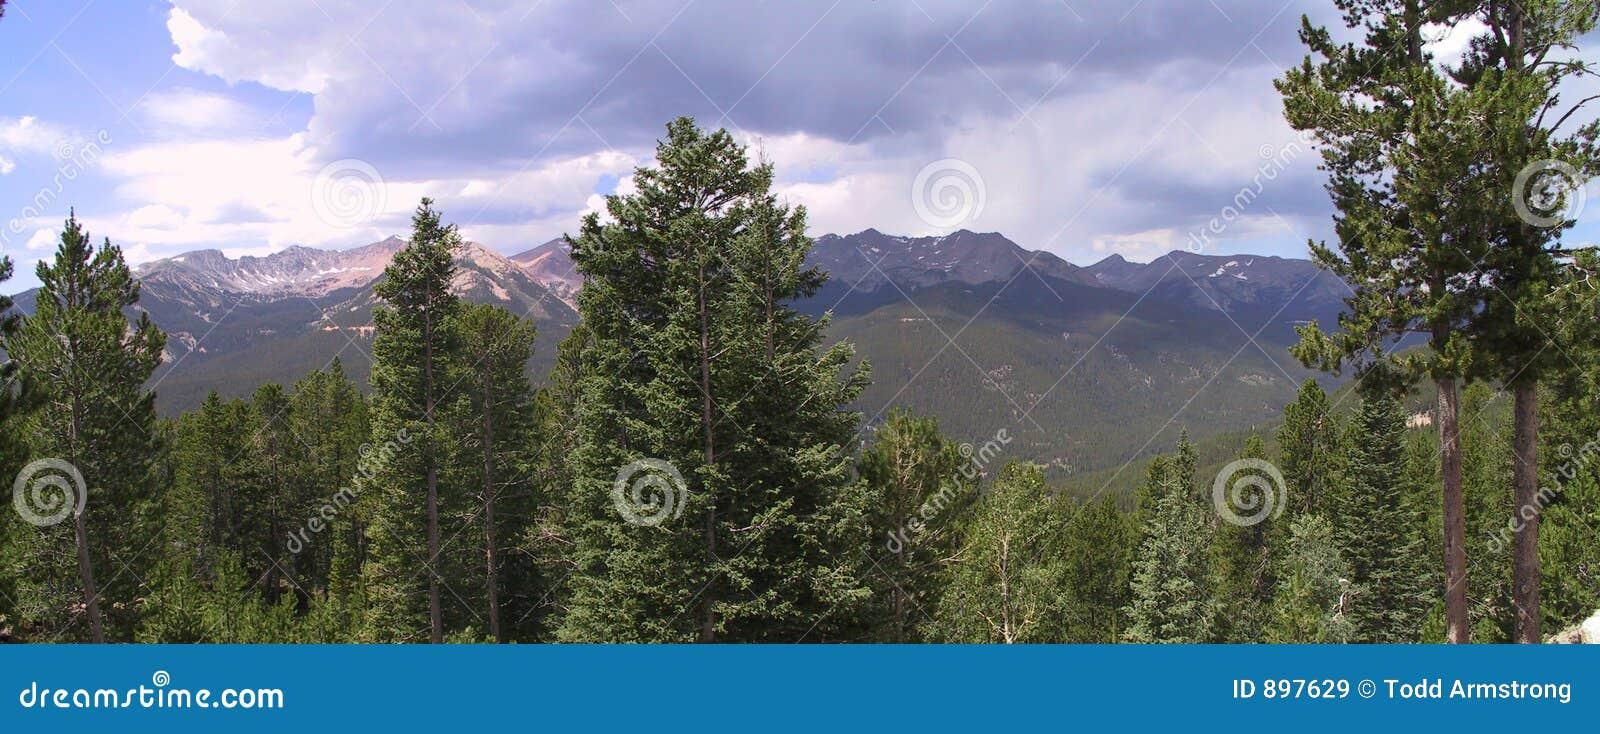 Parku narodowego gór 2 rocky